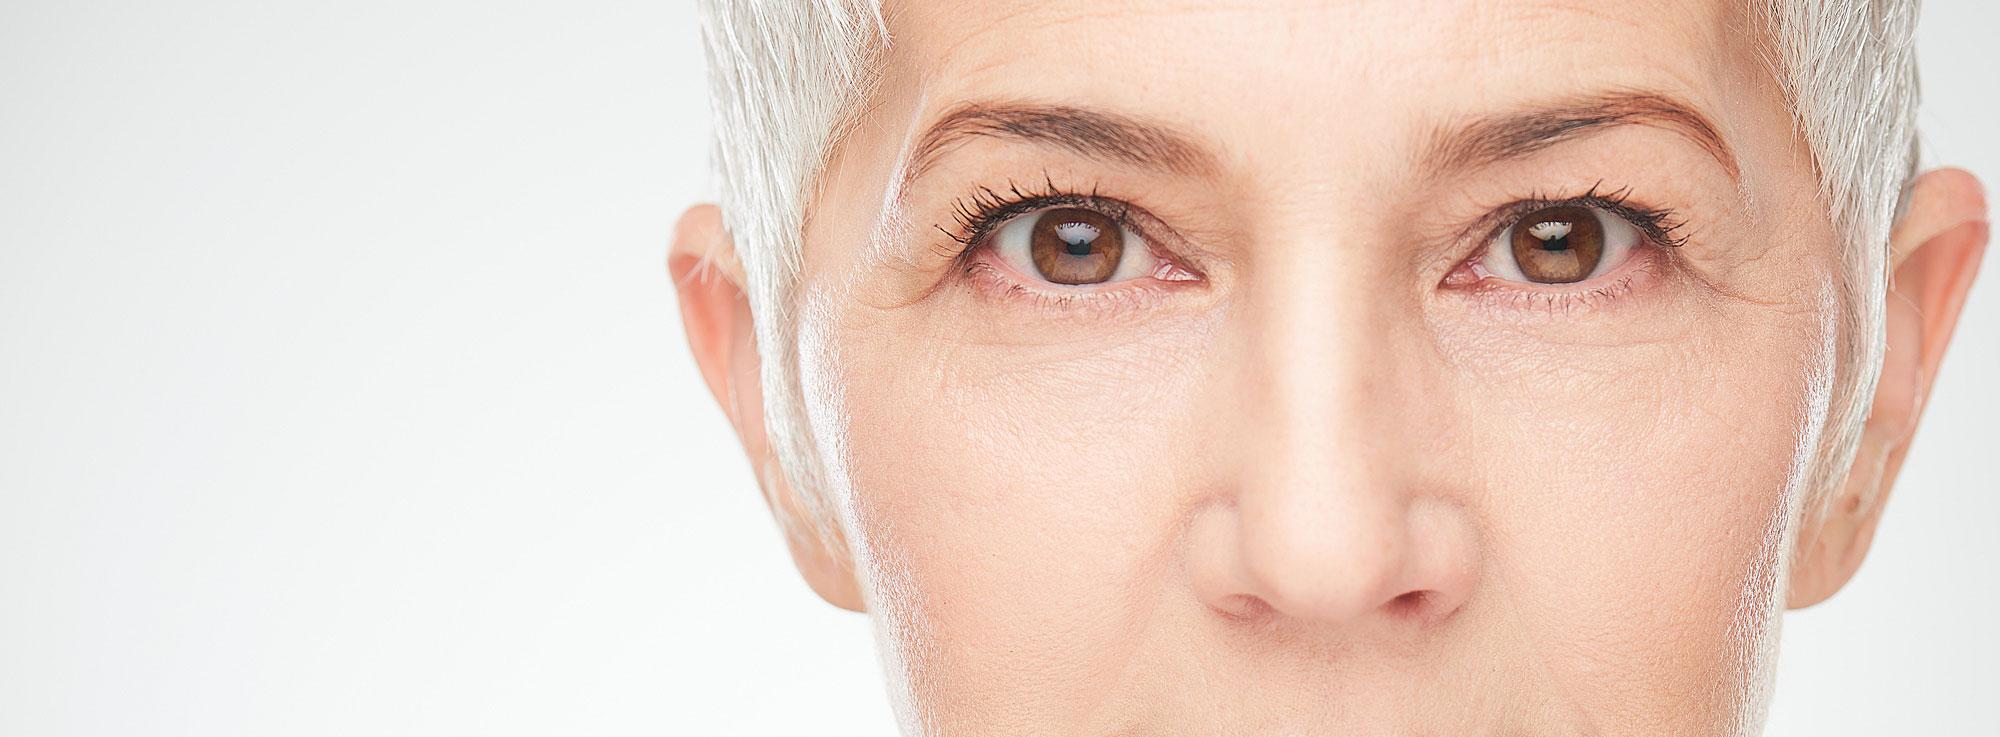 ansiktskirurgi äldre kvinna